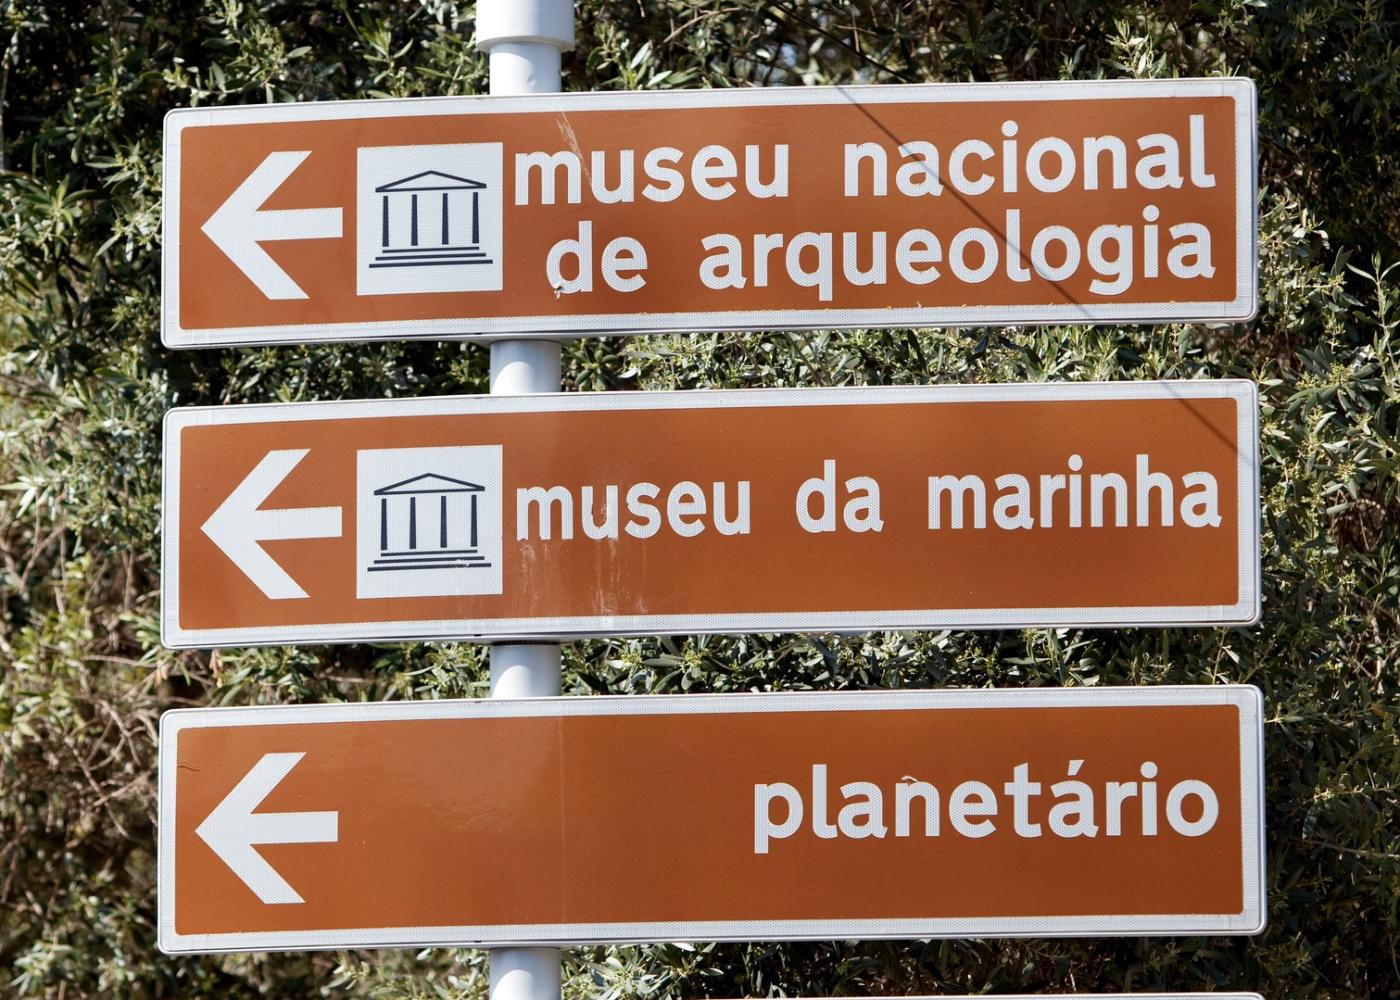 sinais de trânsito turistico culturais